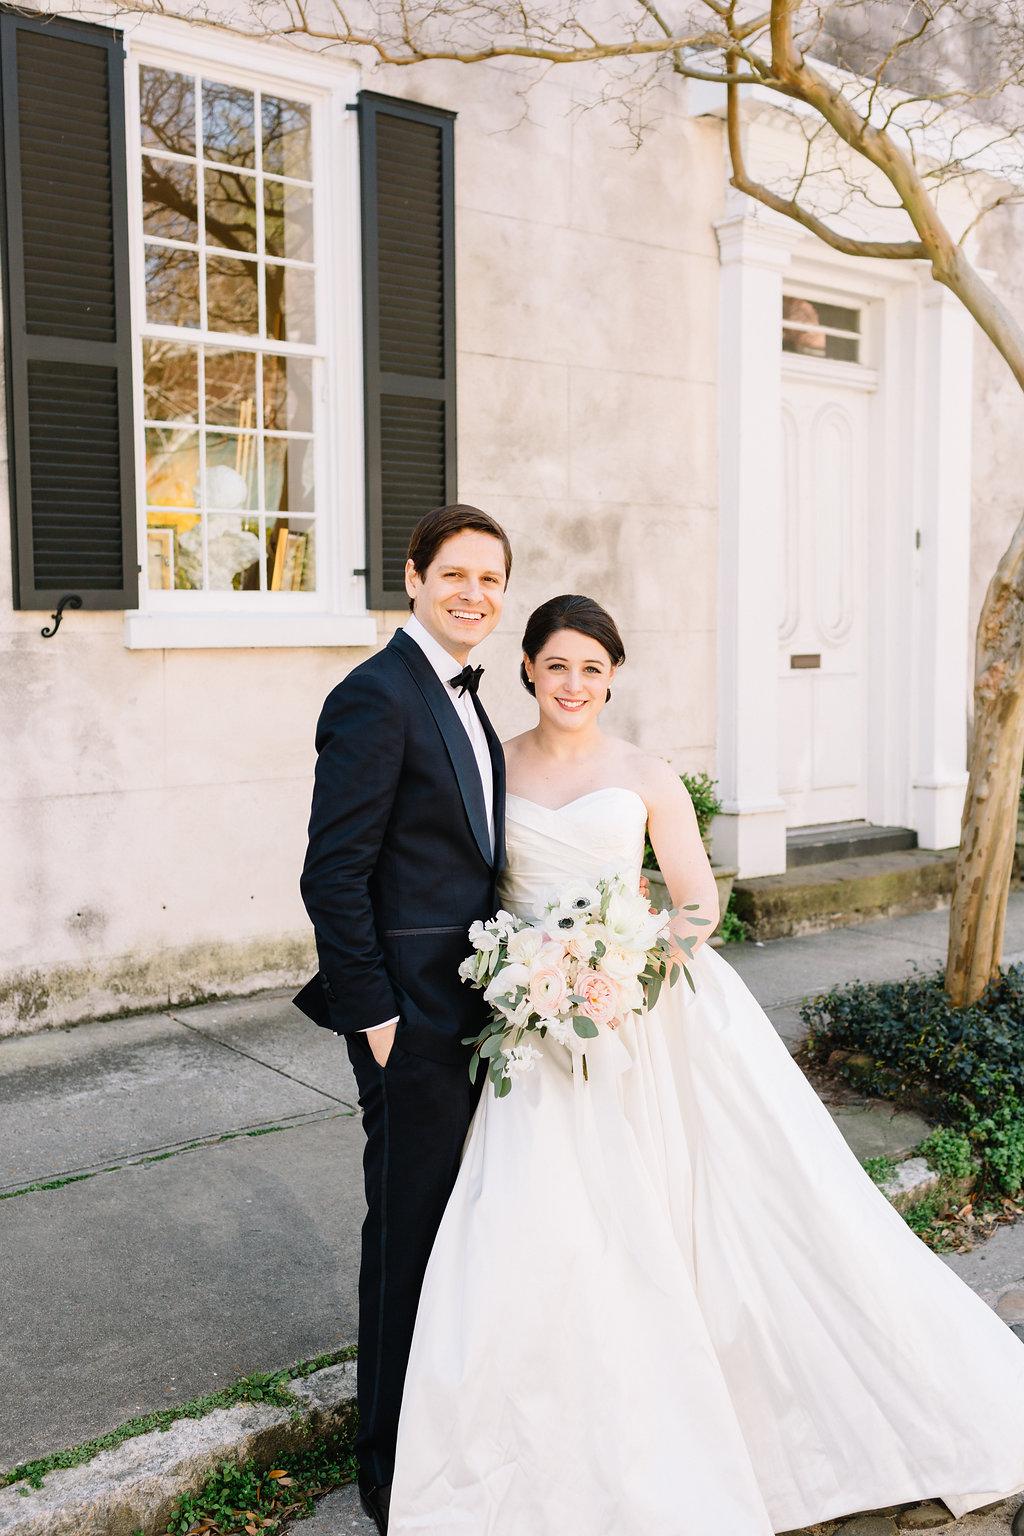 durbin-wedding-144.jpg